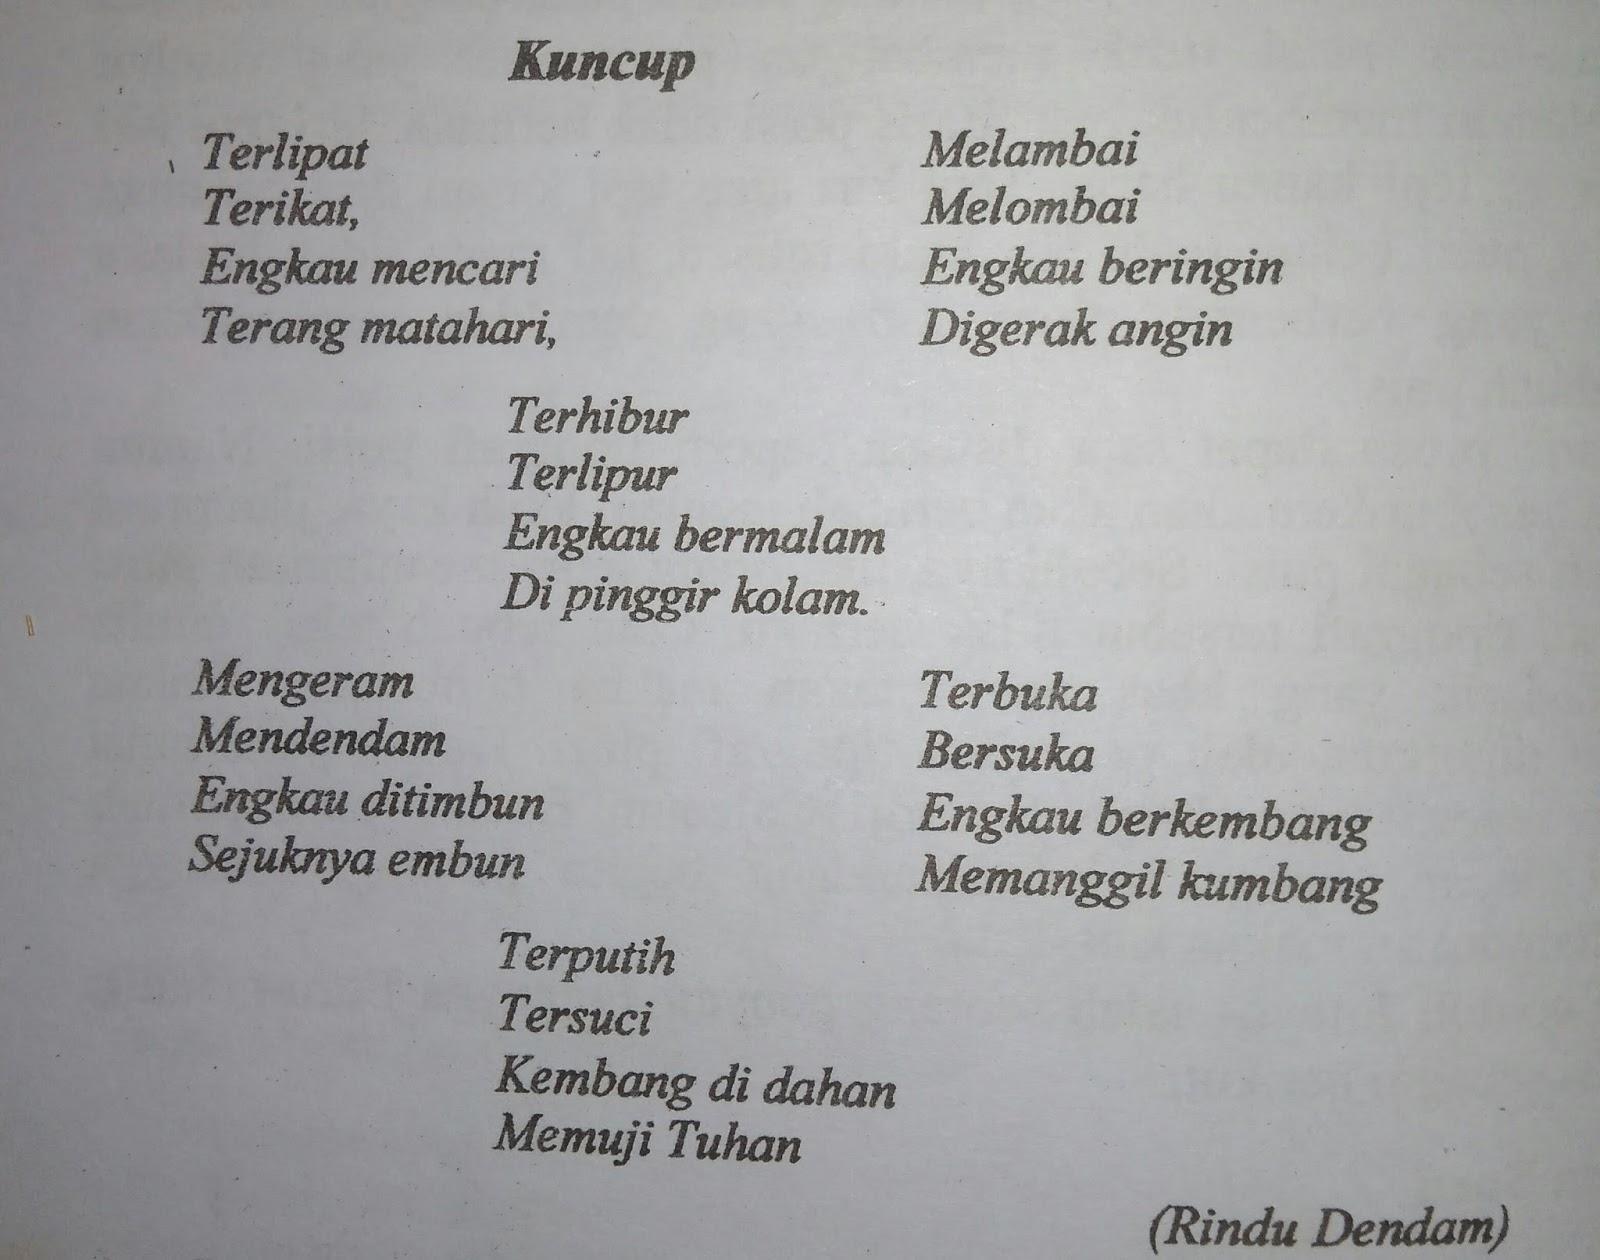 """puisi """"Kuncup"""", J. E. Tatengkeng"""